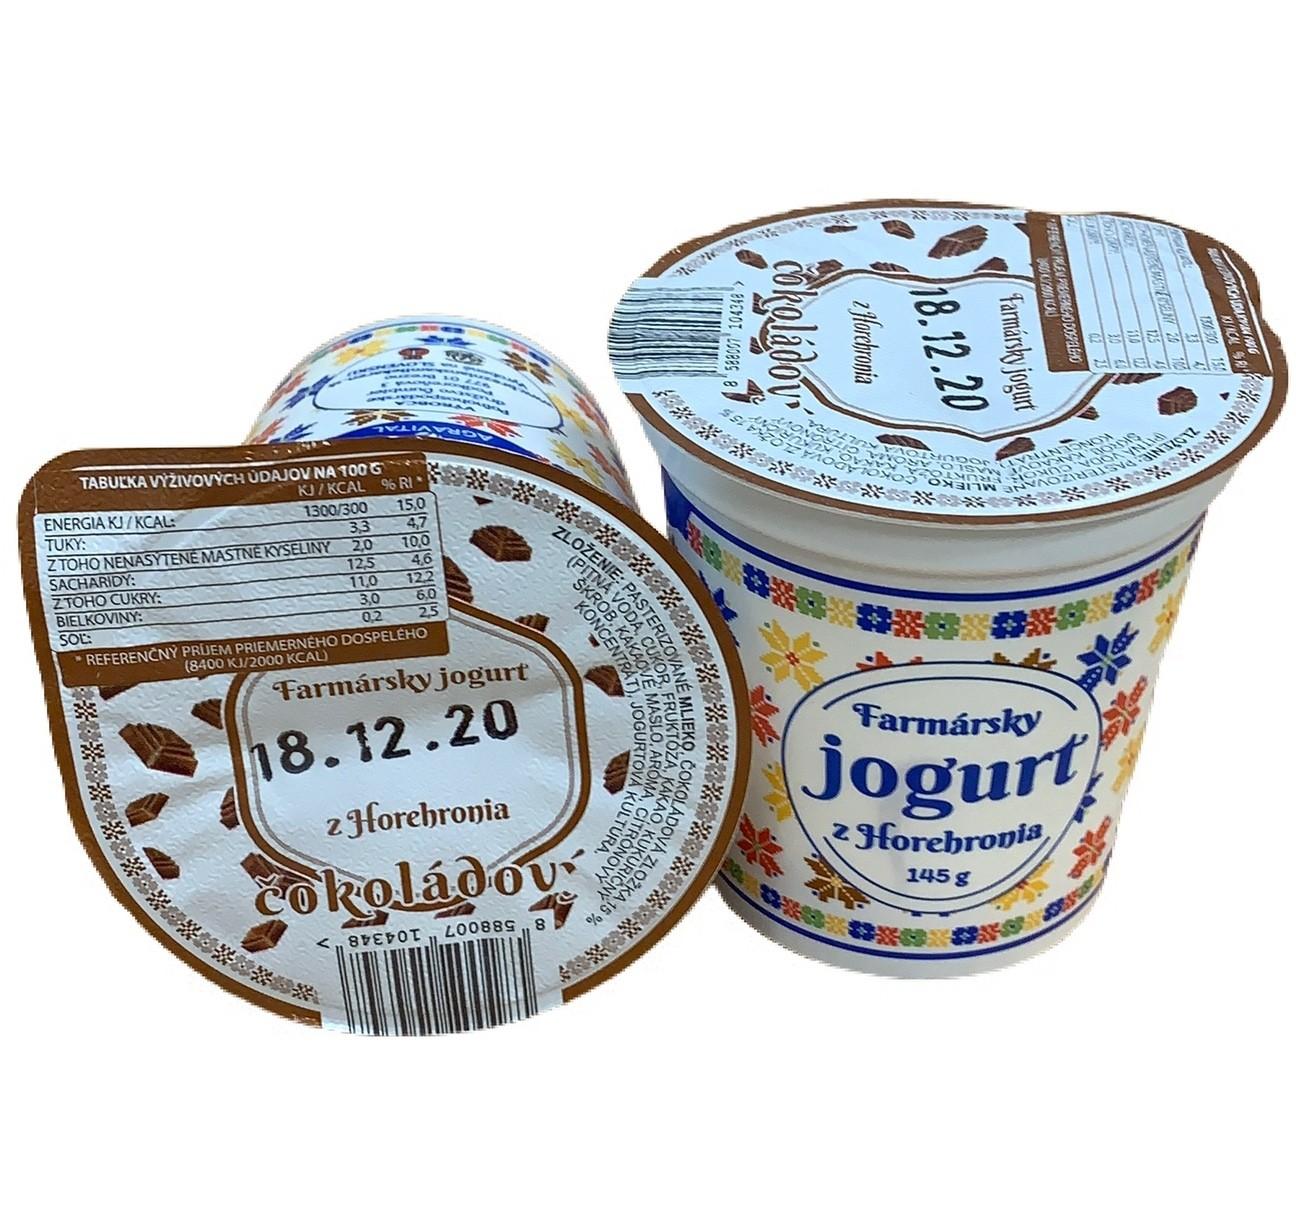 farmársky jogurt Čokoládový